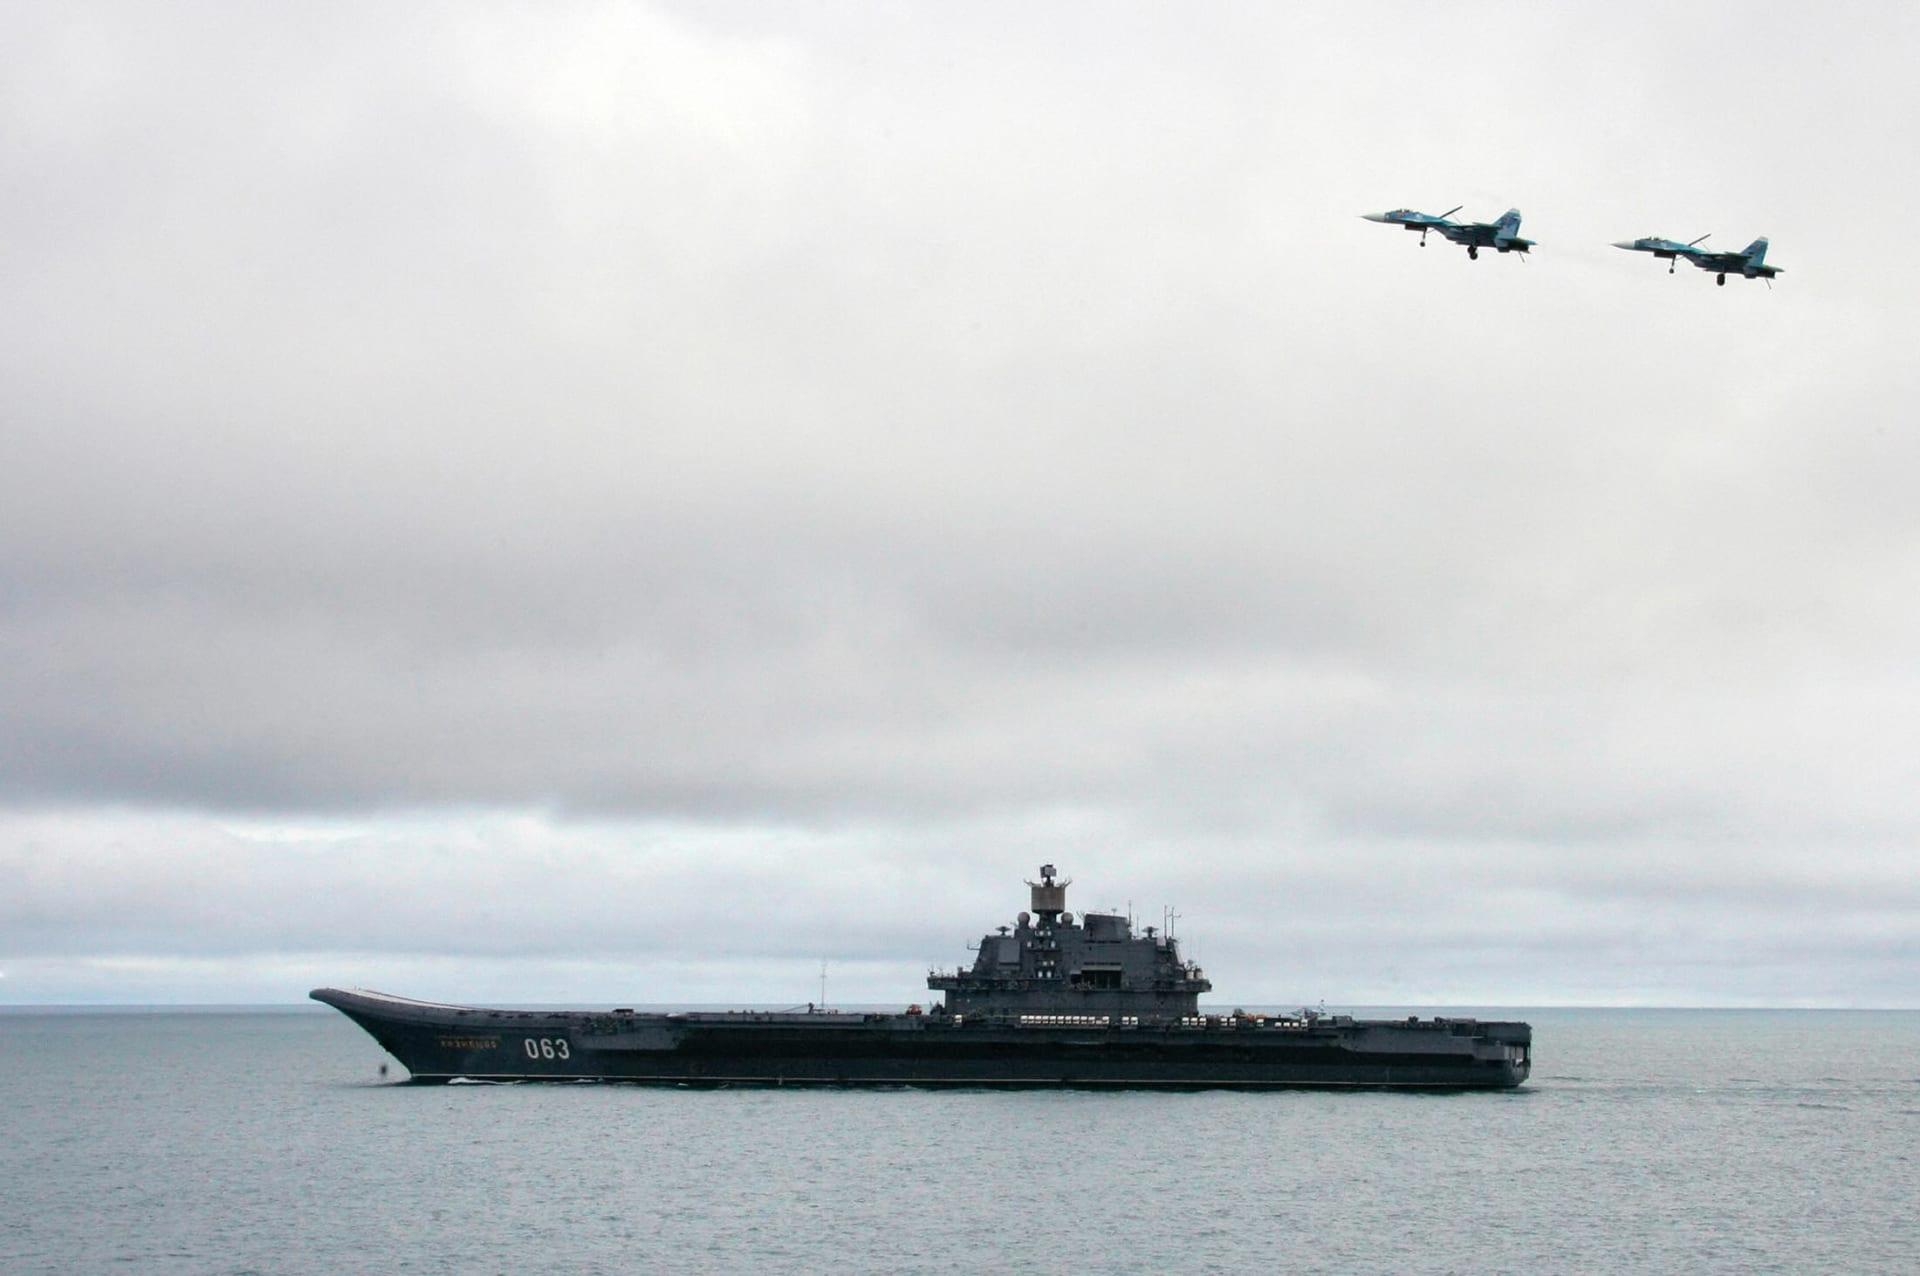 تضرر حاملة الطائرات الروسية الوحيدة أثناء صيانتها